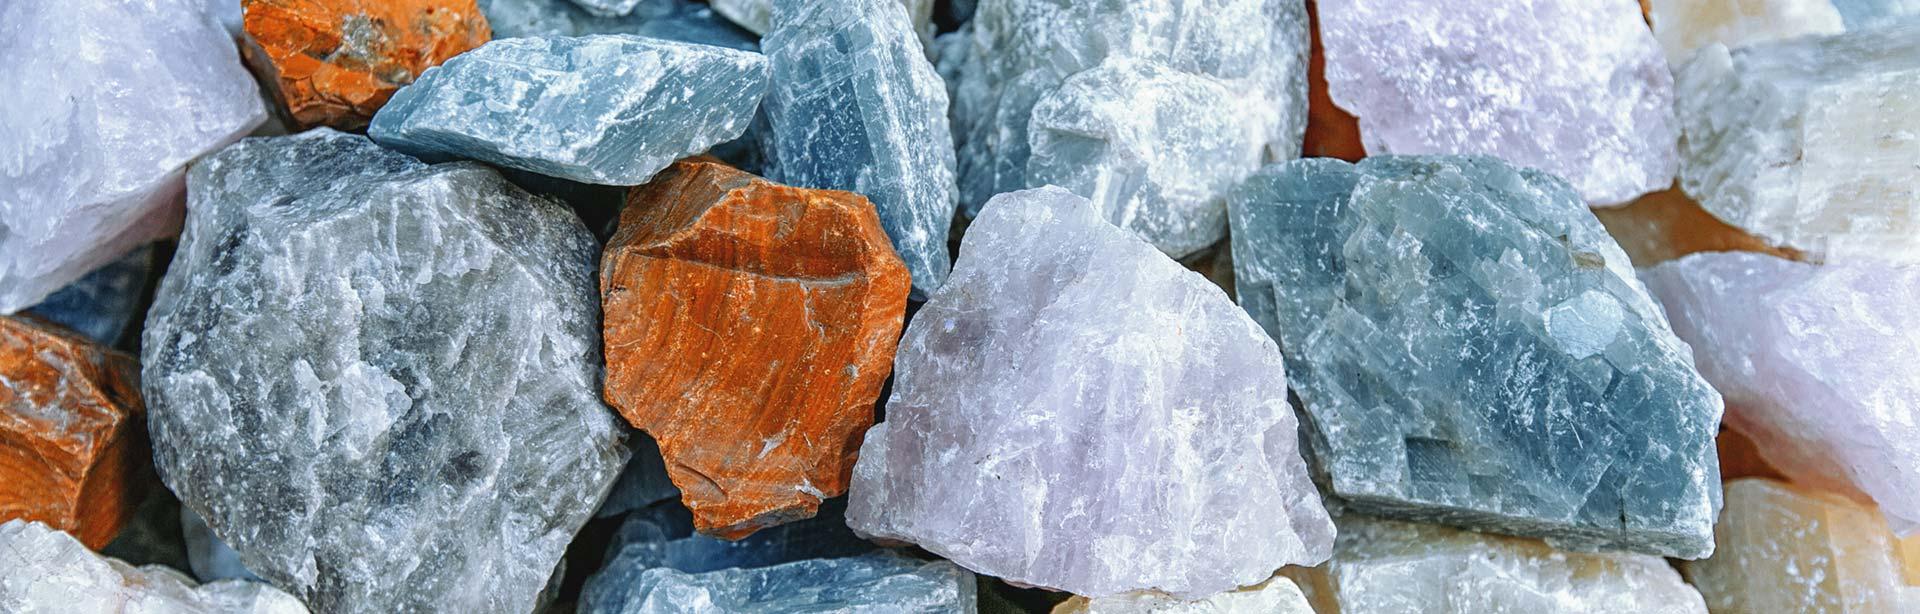 mineralien im wasser welche sind gesund und wann ist es zu viel des guten echo h2. Black Bedroom Furniture Sets. Home Design Ideas